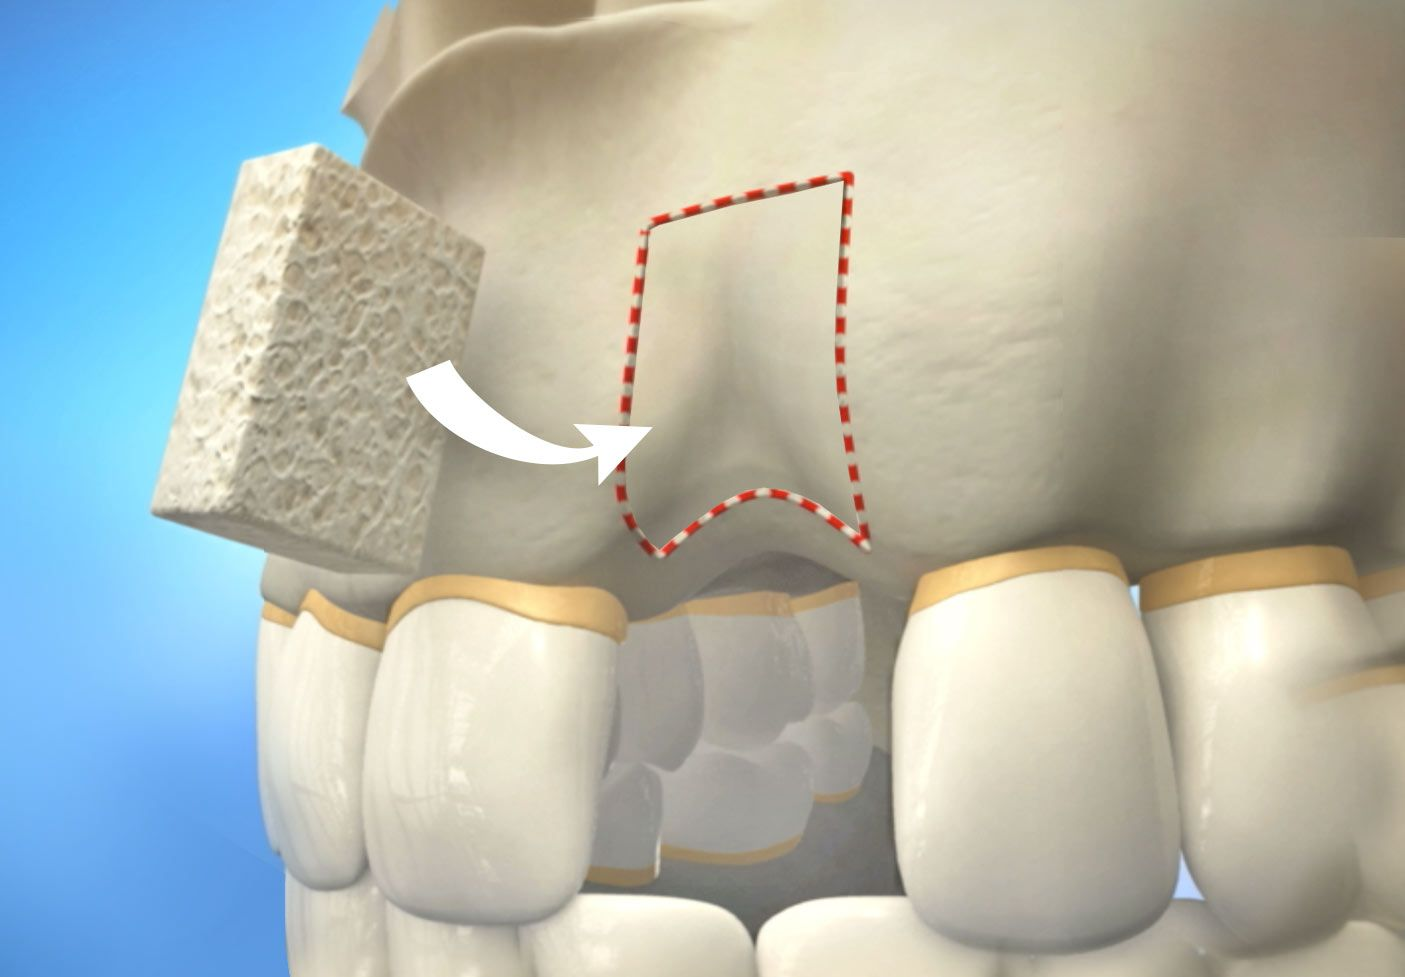 کلینیک دندانپزشکی آرکا - پیوند استخوان یا گرافت جهت ایمپلنت دندان